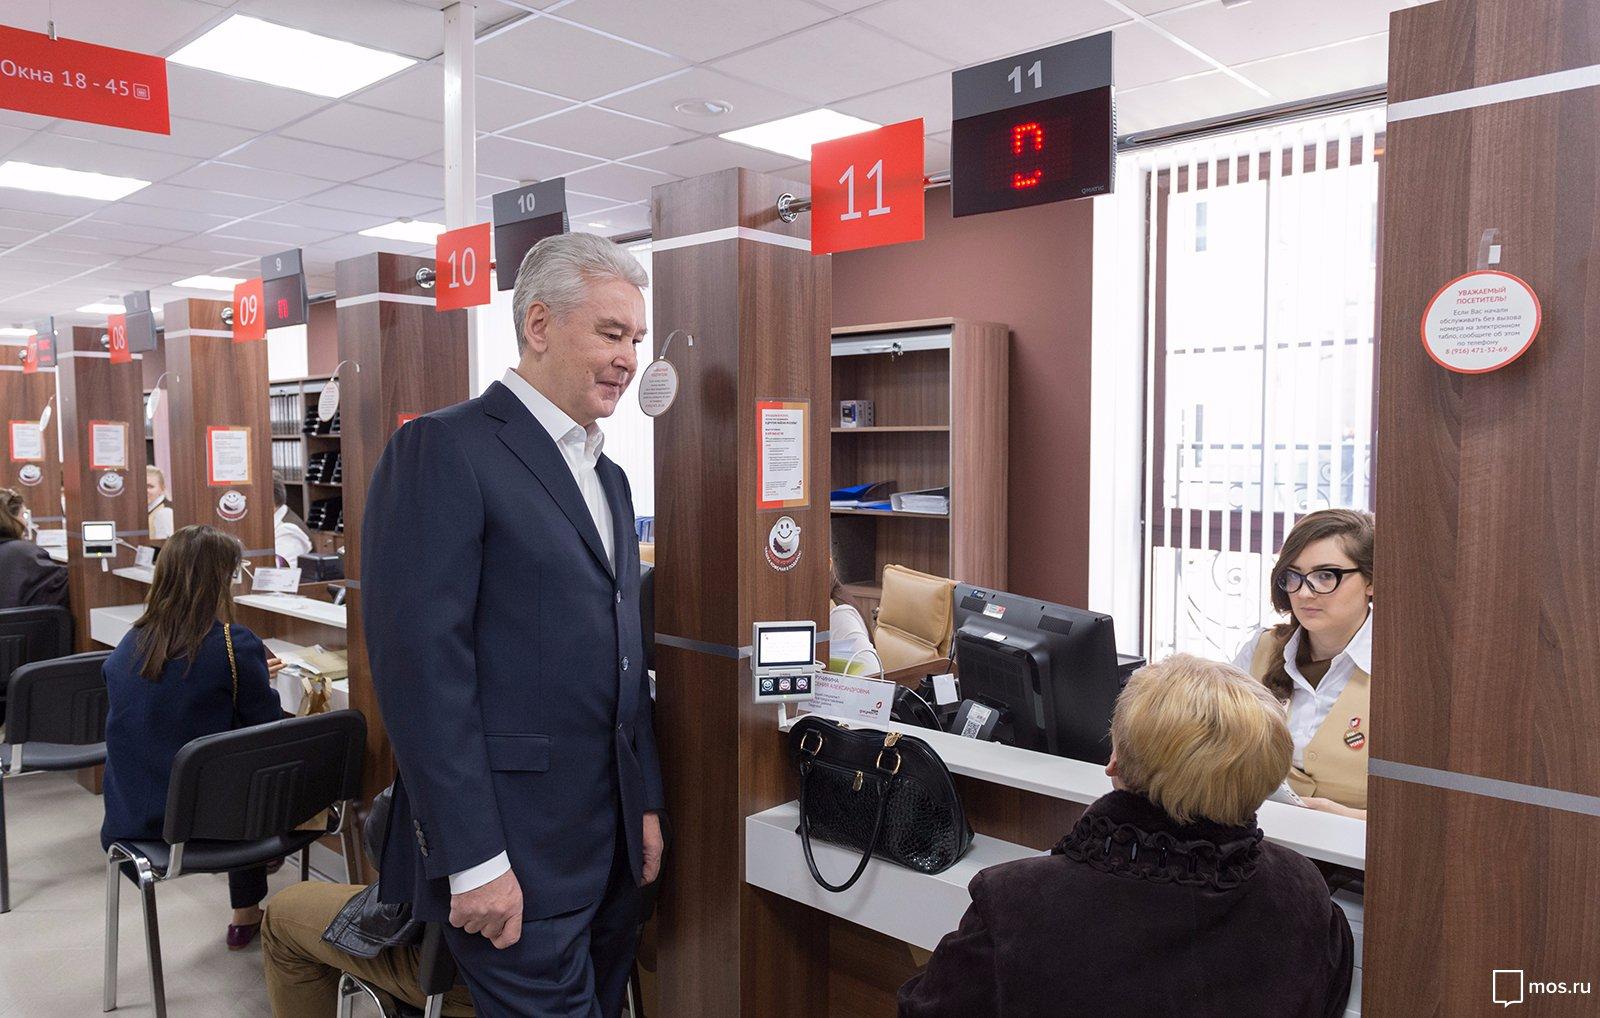 Кому положена московская надбавка к пенсии?